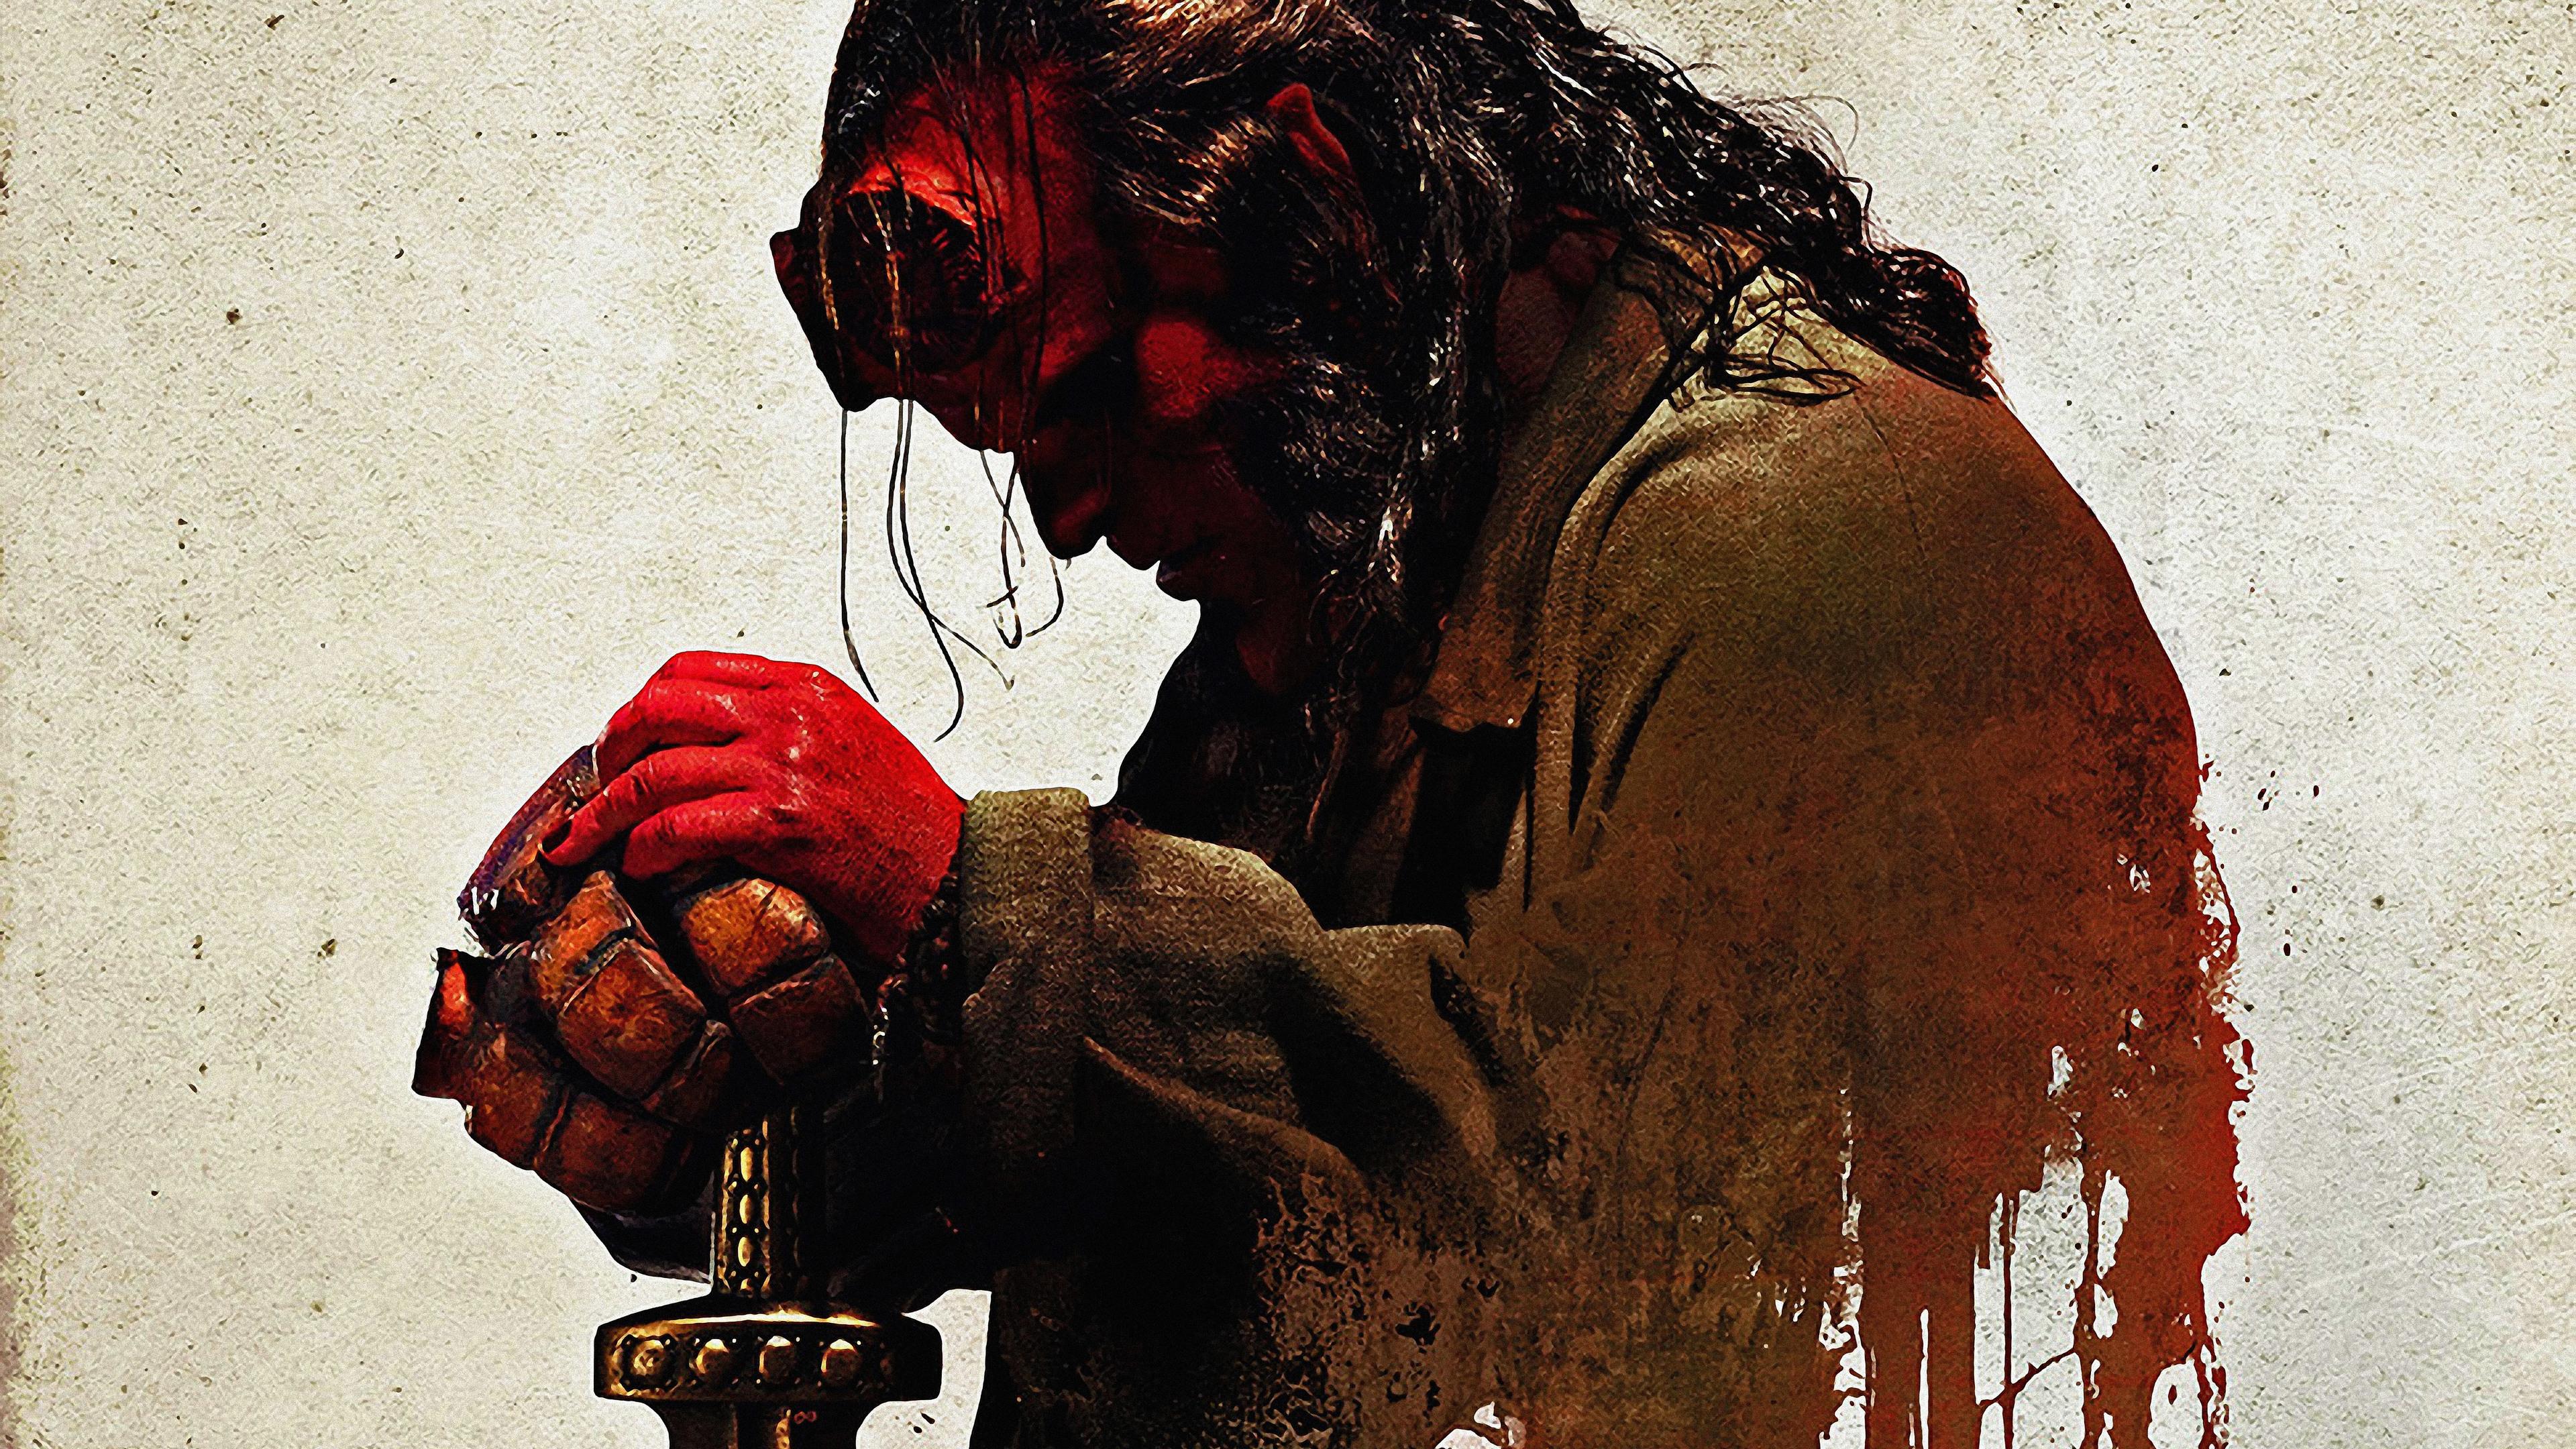 hellboy 4k 2019 1555208392 - Hellboy 4k 2019 - poster wallpapers, movies wallpapers, hellboy wallpapers, hd-wallpapers, 4k-wallpapers, 2019 movies wallpapers